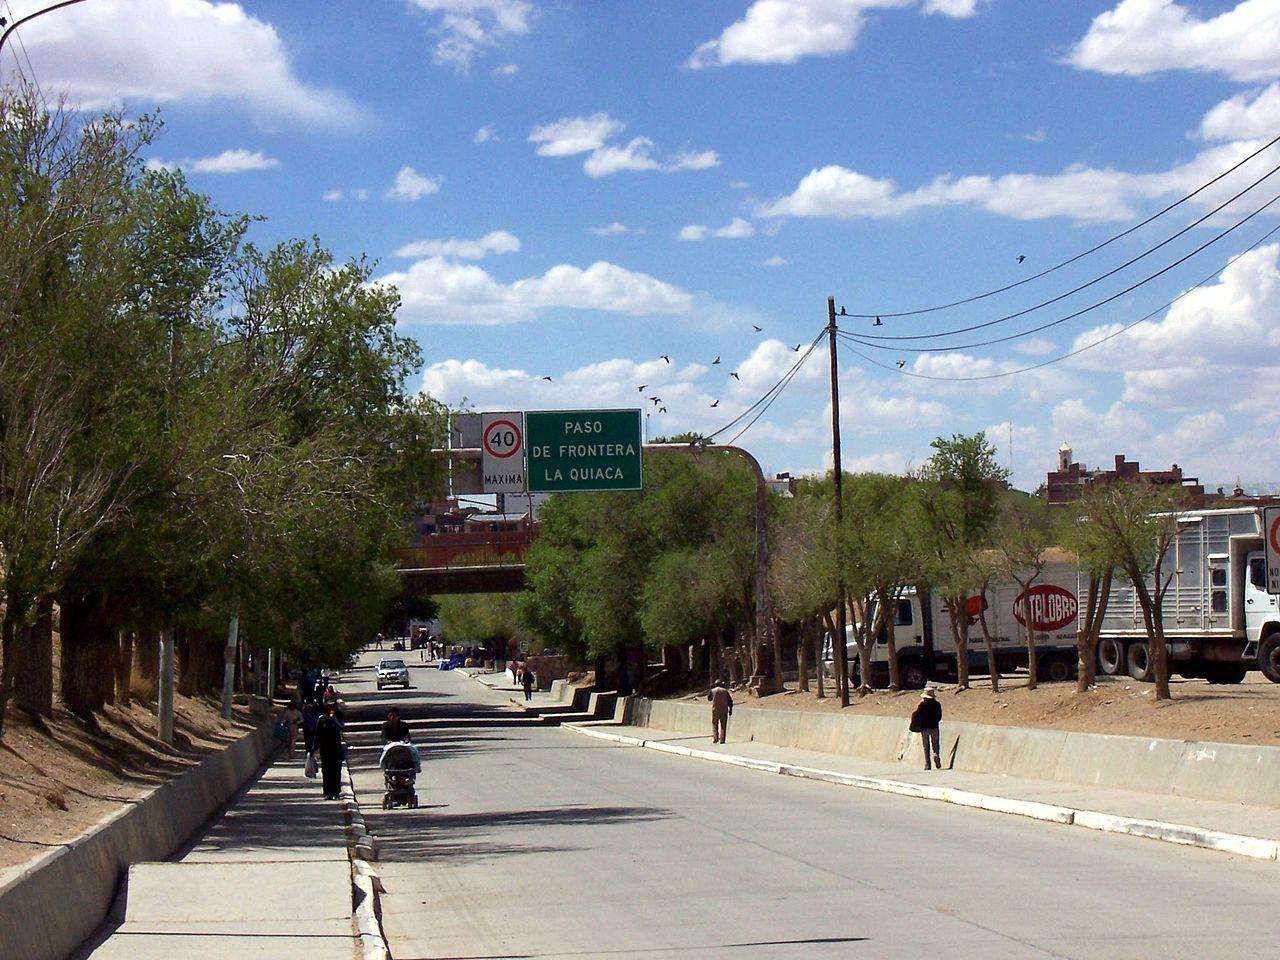 Paso Fronterizo sobre Ruta 9 en La Quiaca, Jujuy